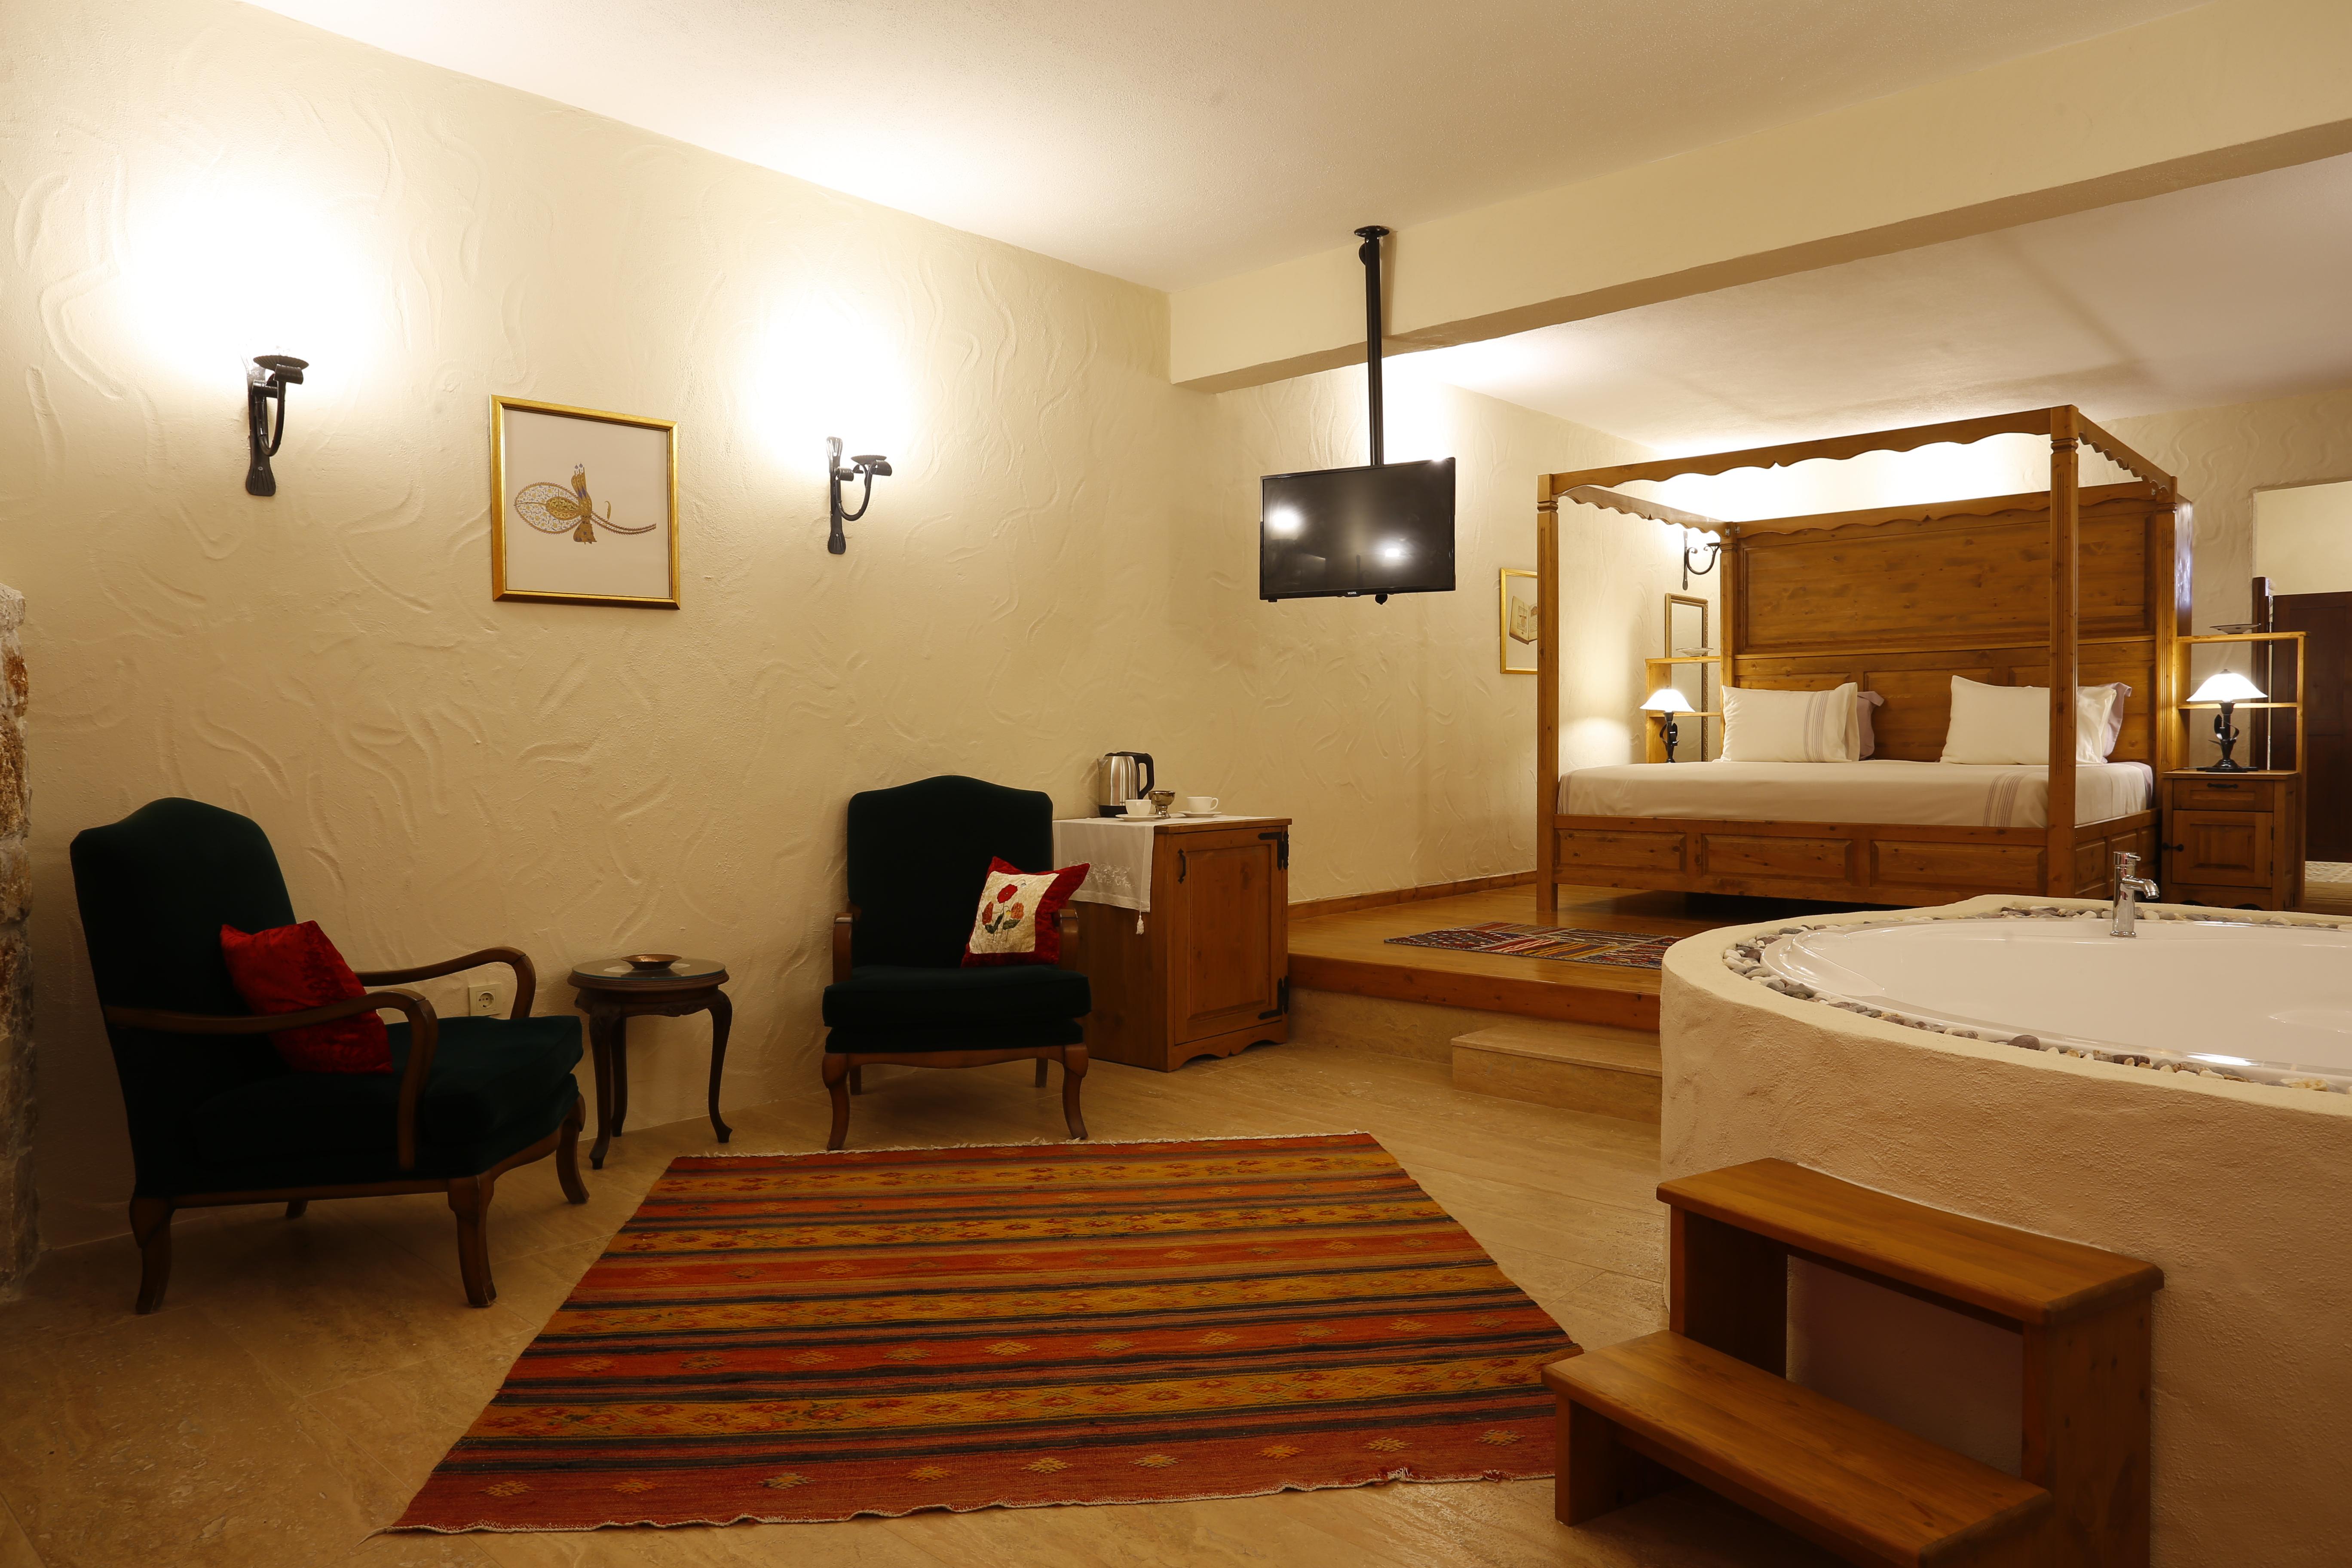 Appartement de vacances Luxurise Unterkunft und persnliches Ambiente in unzerstrter Natur (2124814), Fethiye, , Région Egéenne, Turquie, image 36